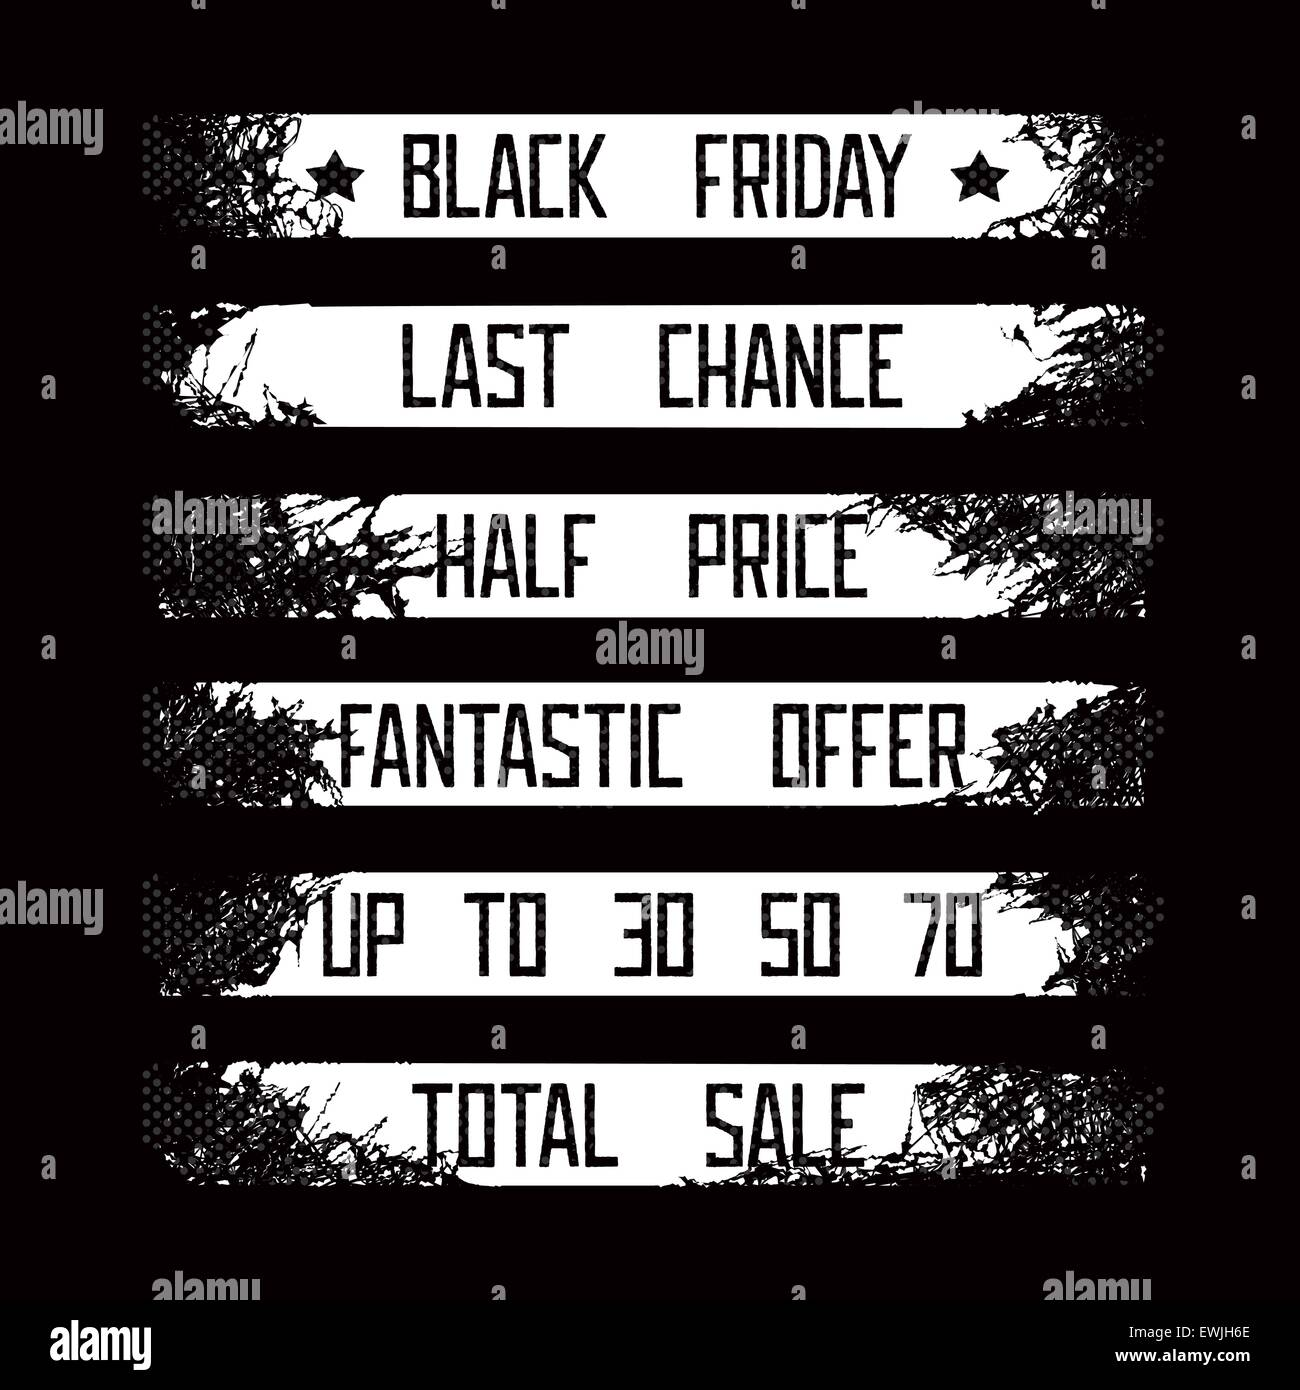 Ensemble de grunge éléments de conception pour les ventes saisonnières - vendredi noir. 8 EPS vectoriel Photo Stock